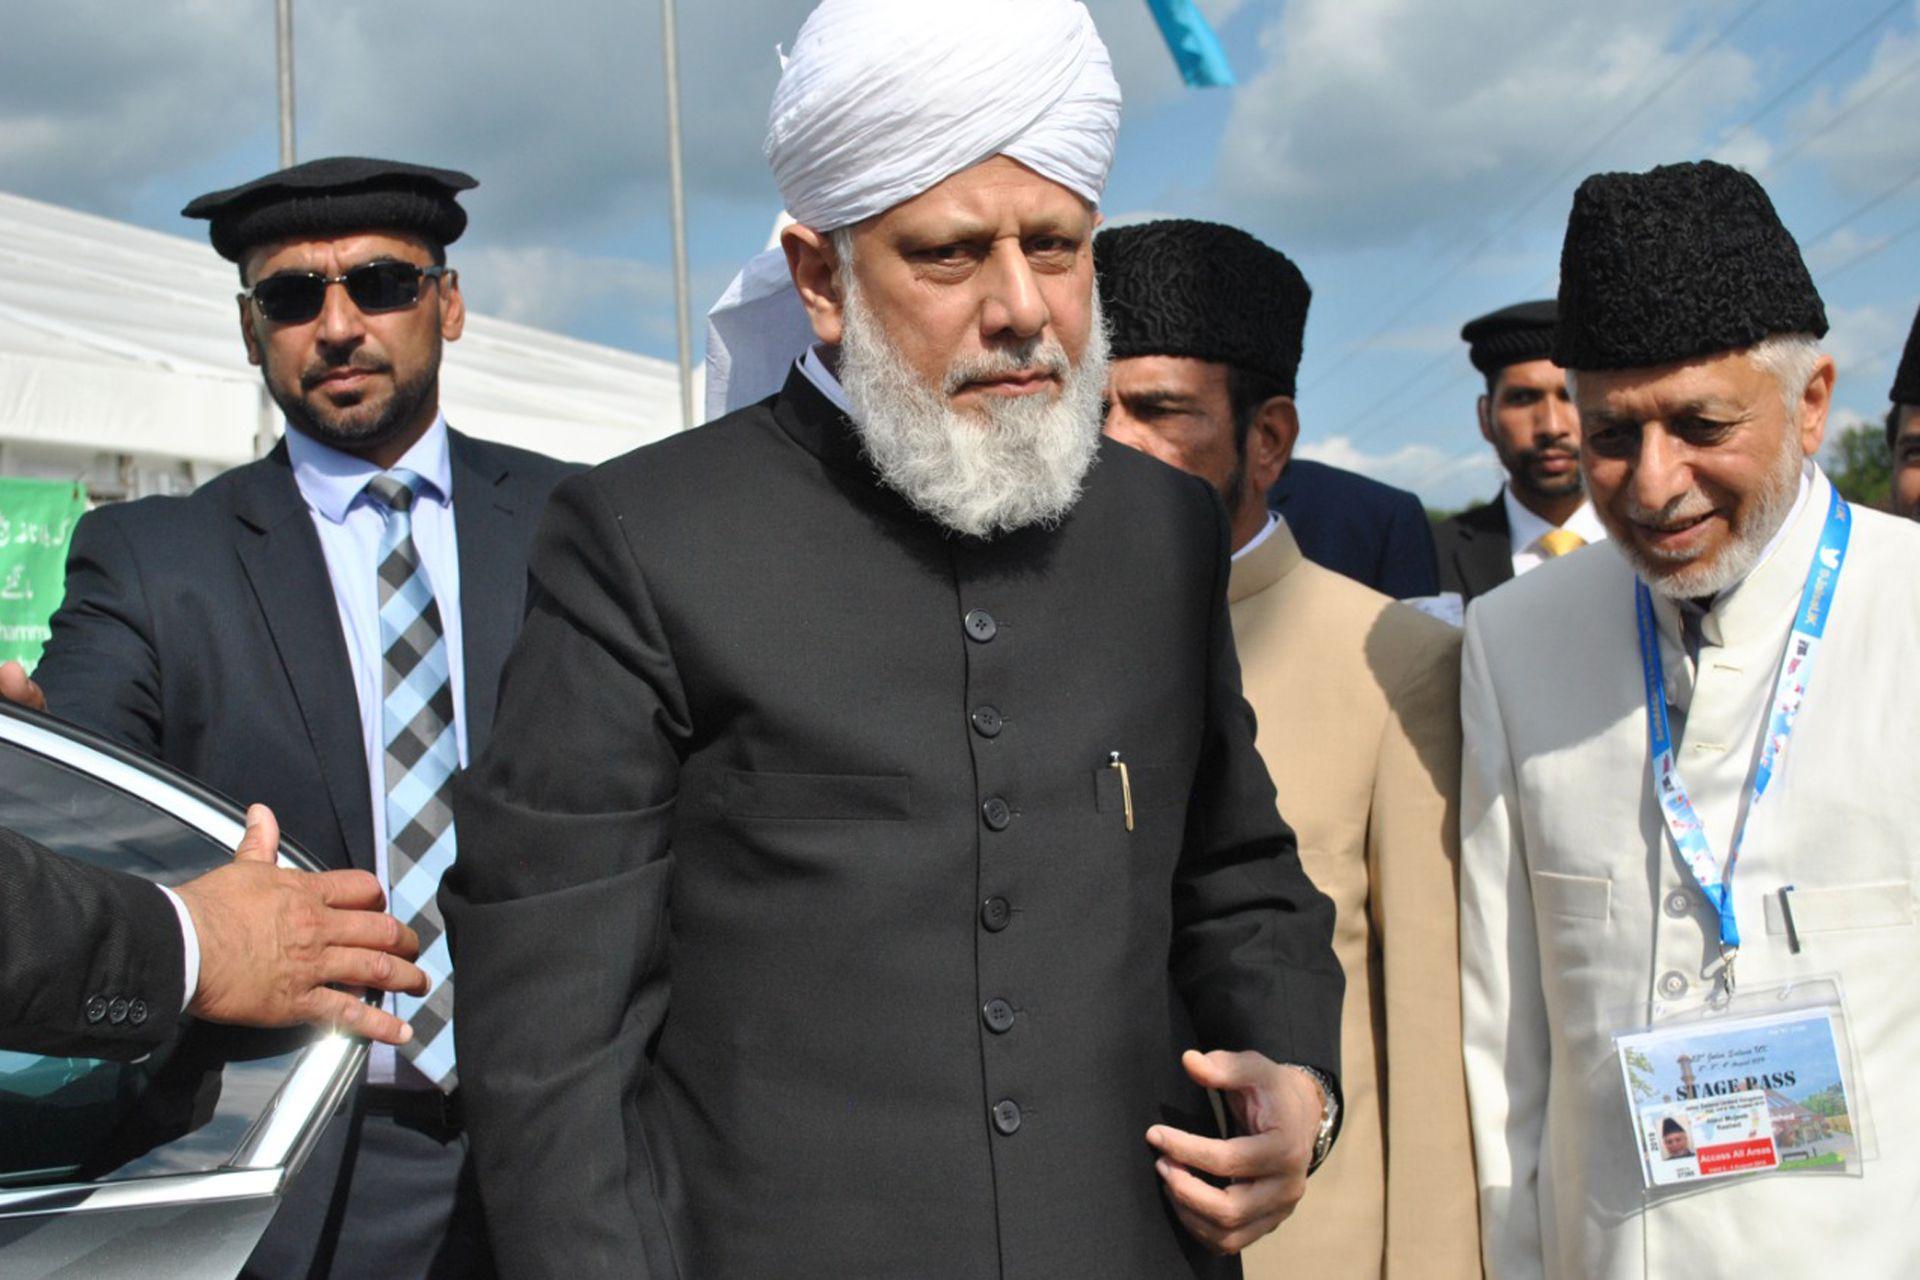 Hazrat Mirza Masroor Ahmad es el califa para los ahmadis